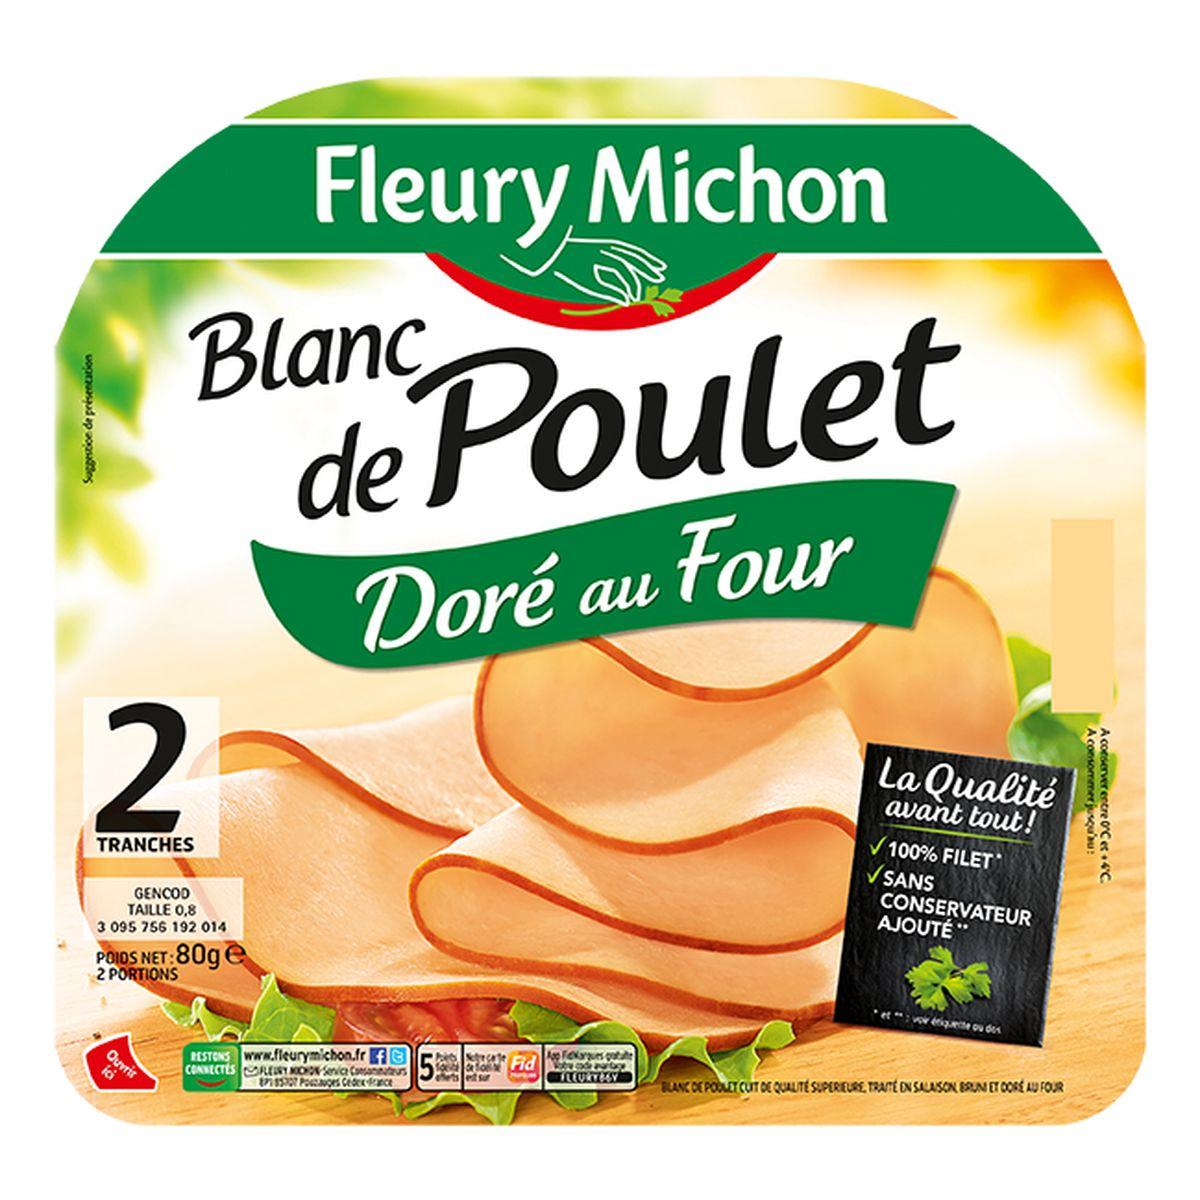 Blanc de poulet doré au four Fleury Michon (2 tranches, 80 g)